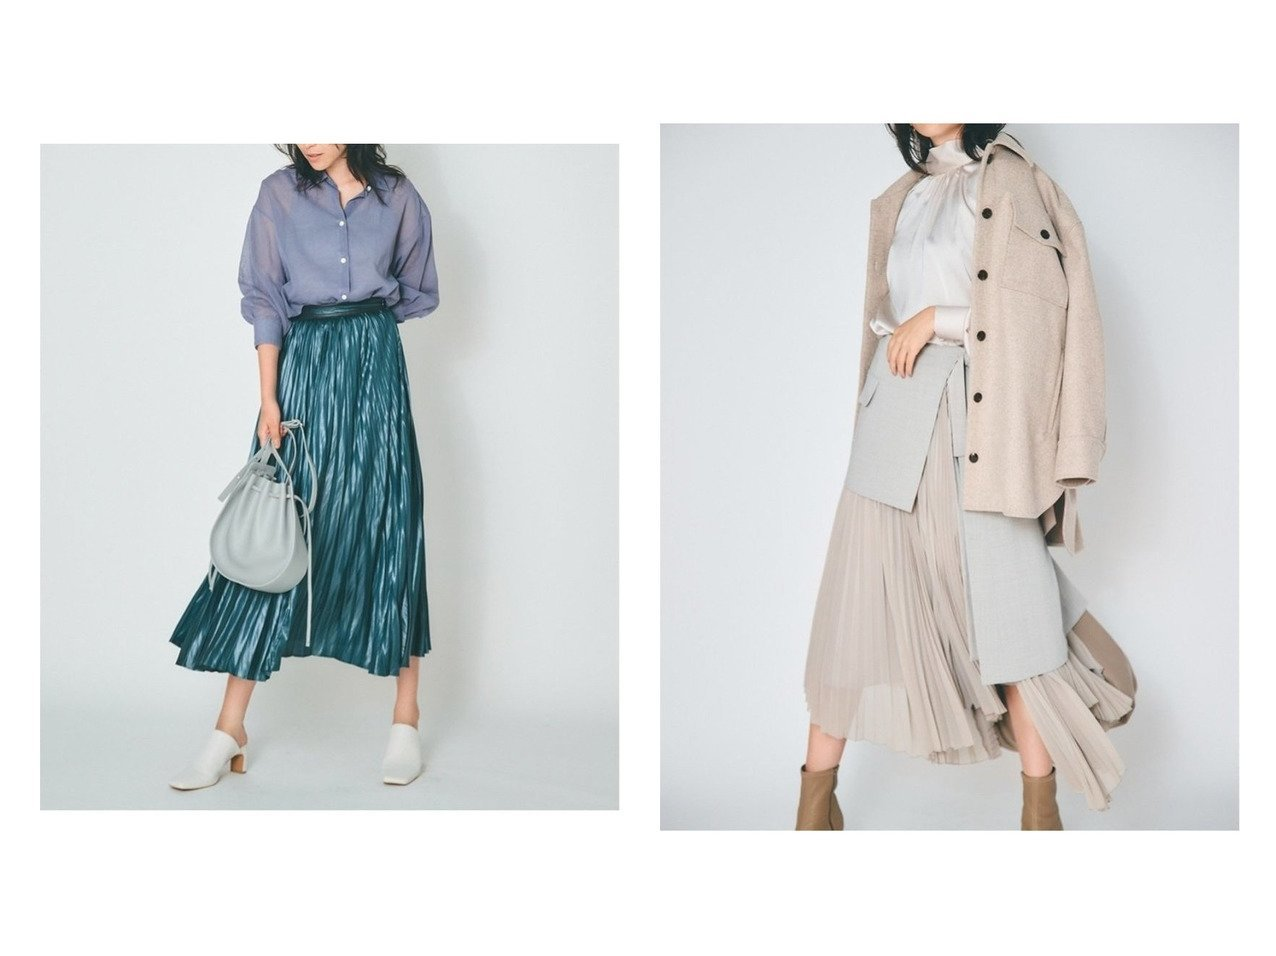 【FRAY I.D/フレイ アイディー】のレザーライクサテンプリーツSK&ラッププリーツSK スカートのおすすめ!人気、トレンド・レディースファッションの通販  おすすめで人気の流行・トレンド、ファッションの通販商品 メンズファッション・キッズファッション・インテリア・家具・レディースファッション・服の通販 founy(ファニー) https://founy.com/ ファッション Fashion レディースファッション WOMEN スカート Skirt プリーツスカート Pleated Skirts ギャザー サテン パイピング プリーツ アシンメトリー エアリー シフォン ドッキング ラップ |ID:crp329100000009716